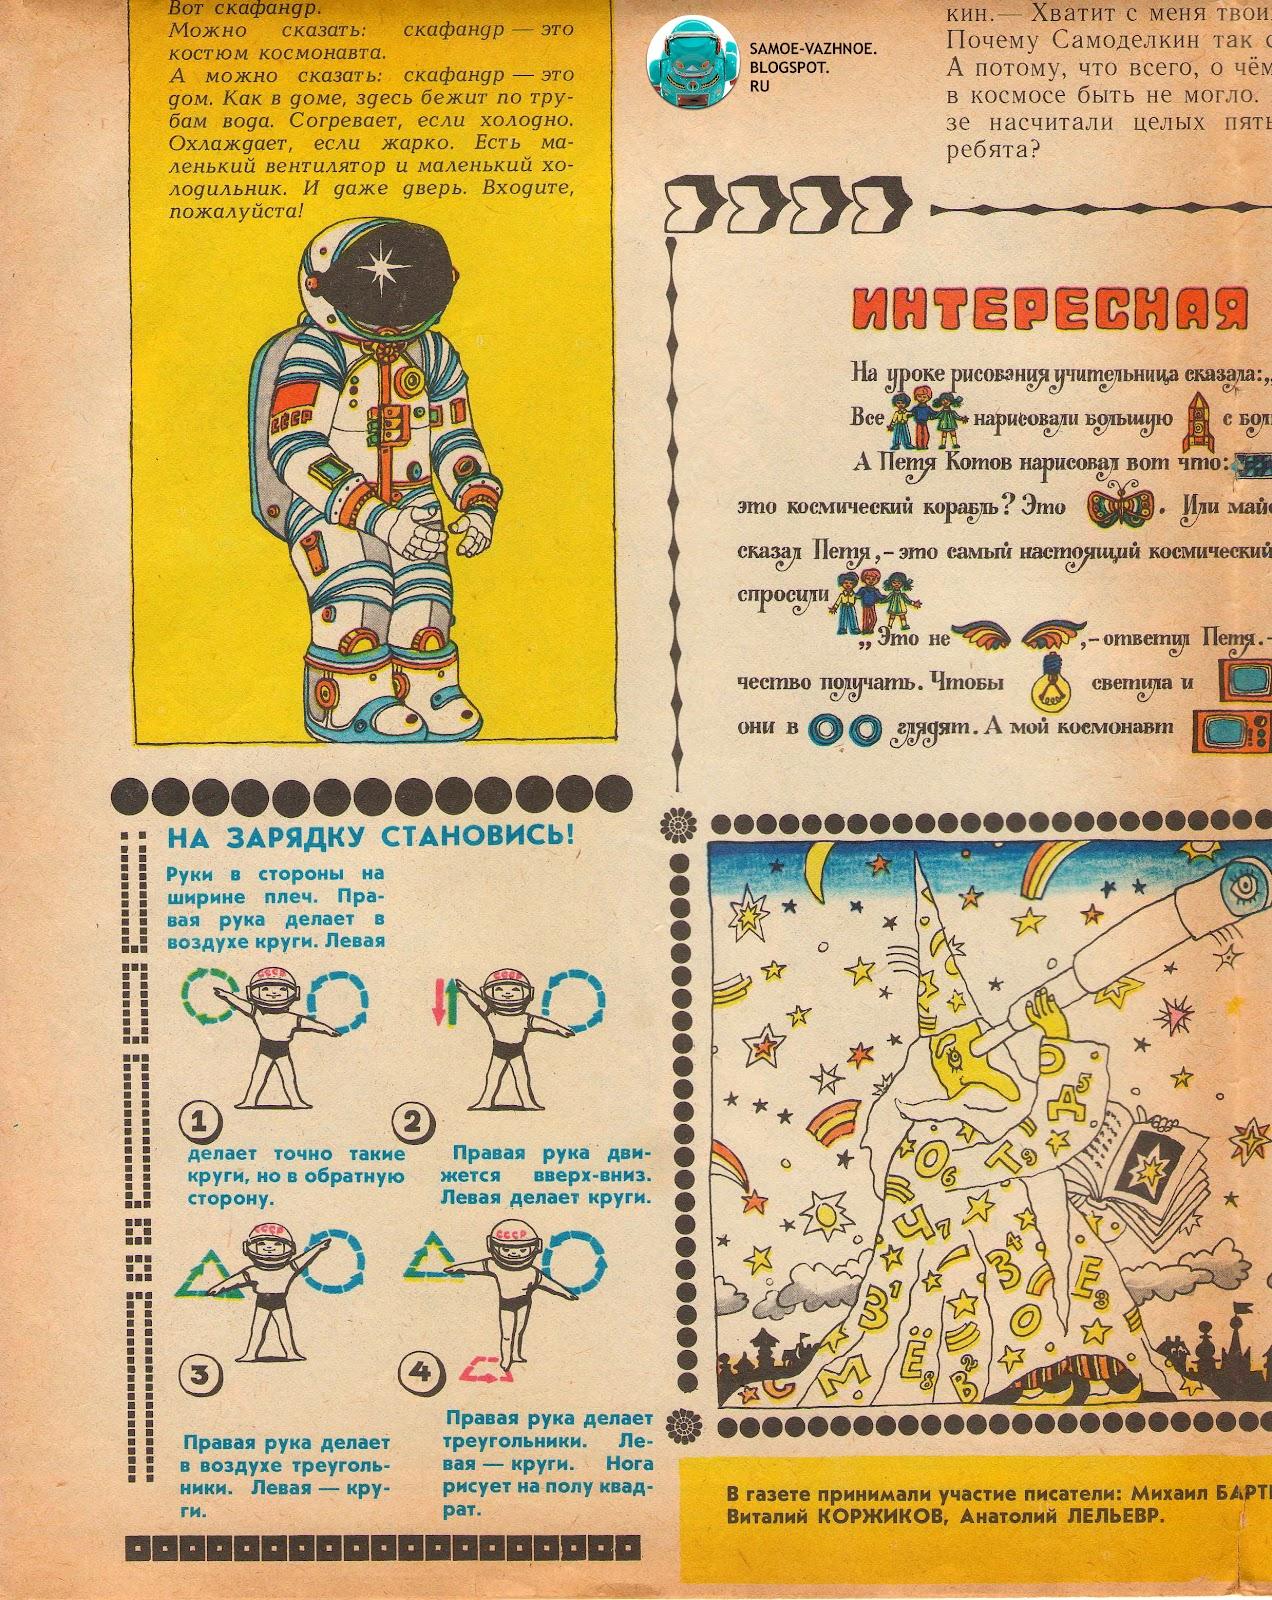 Журнал Весёлые картинки - Детские журналы - Досуг